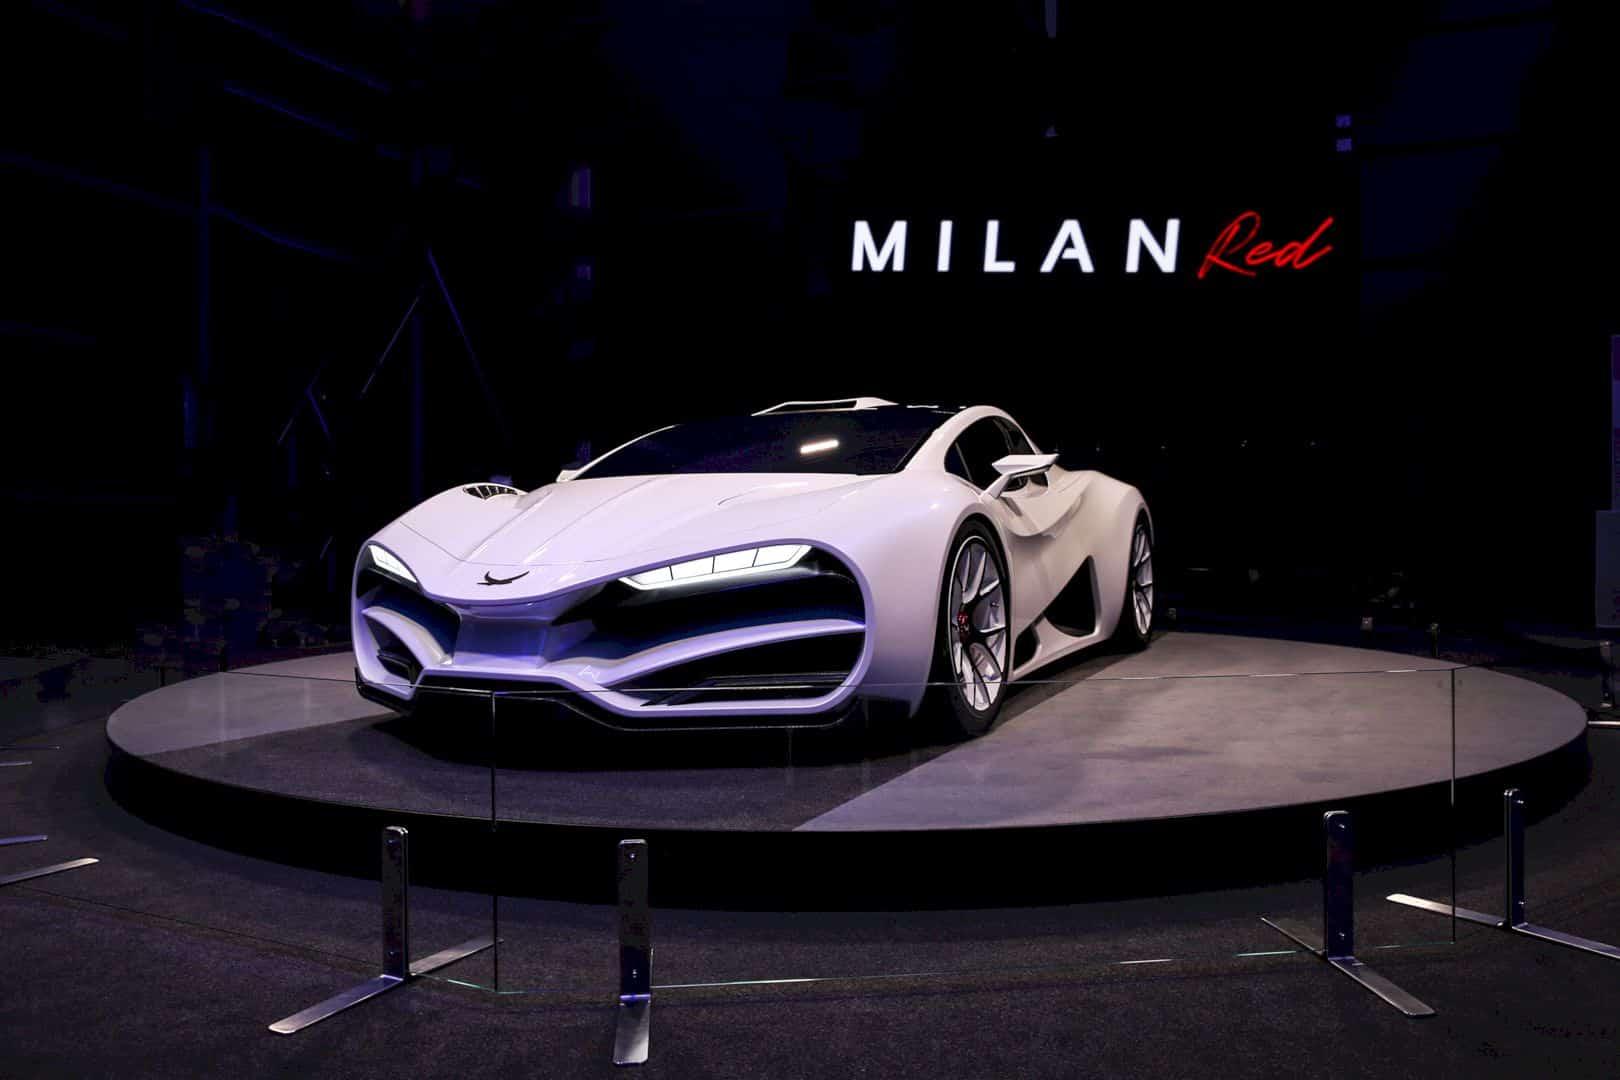 Milan Red 7